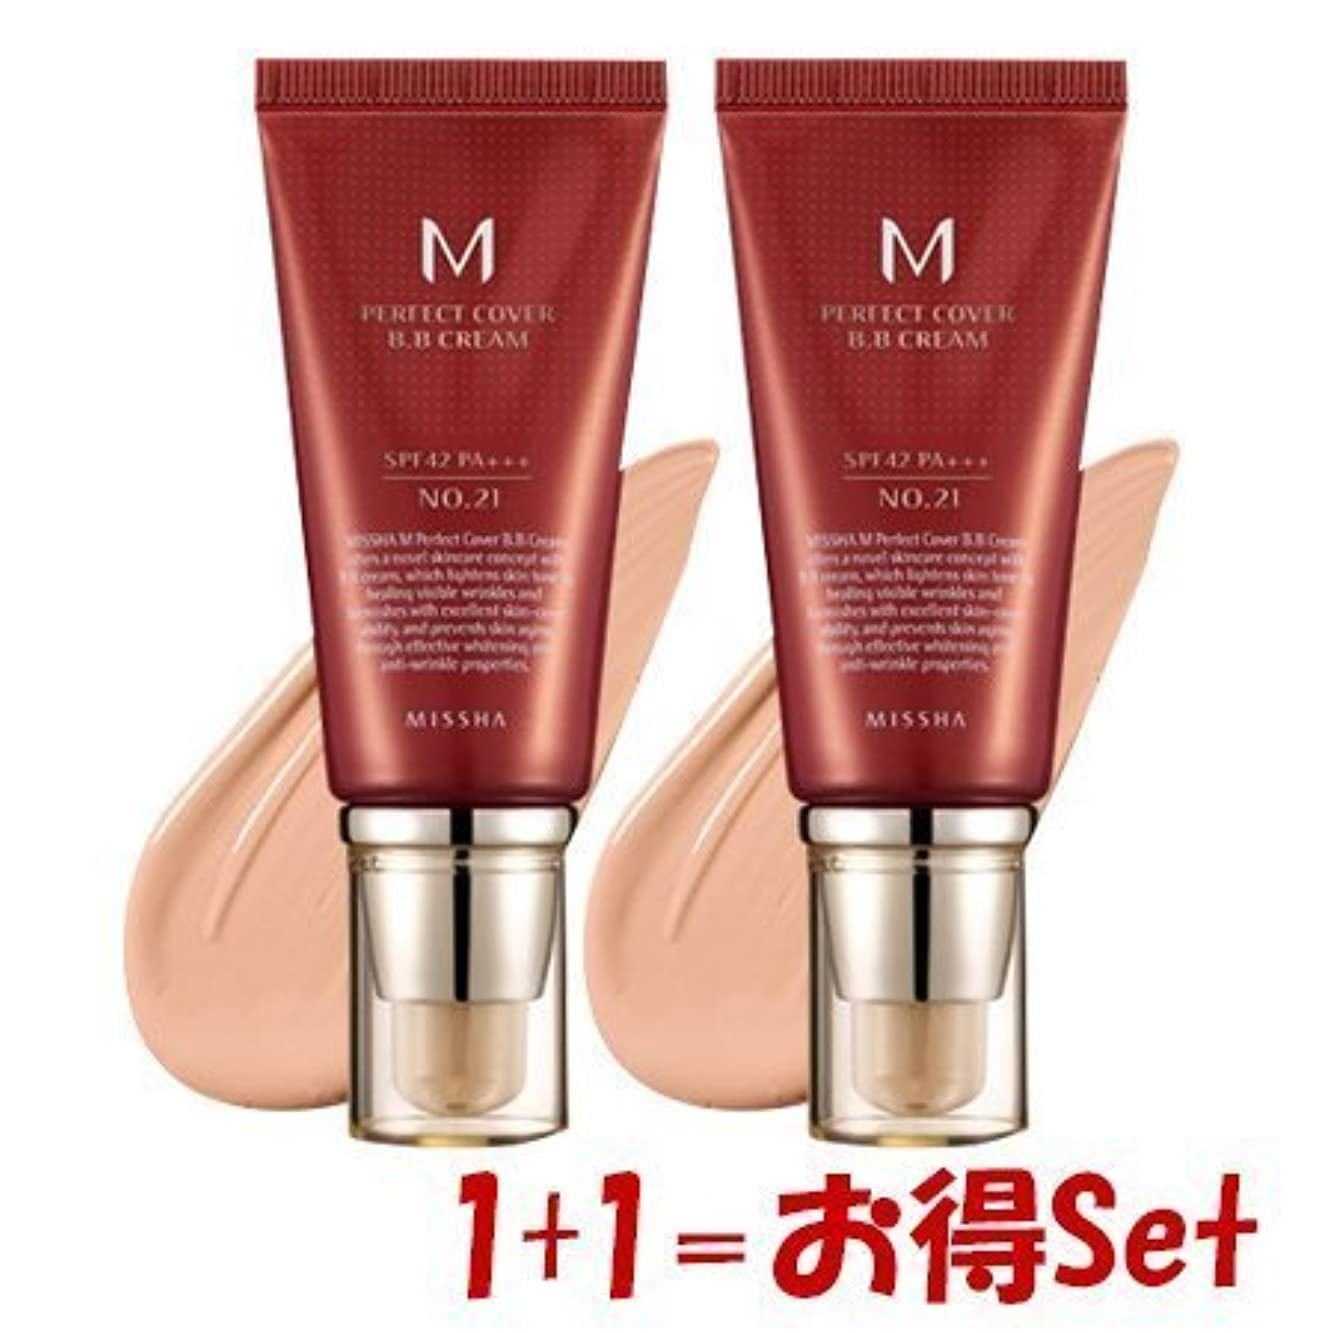 ステップ素晴らしい媒染剤MISSHA(ミシャ) M パーフェクトカバー BB クリーム 2本セット(NO21号) SPF42 PA++ 50ml [並行輸入品]